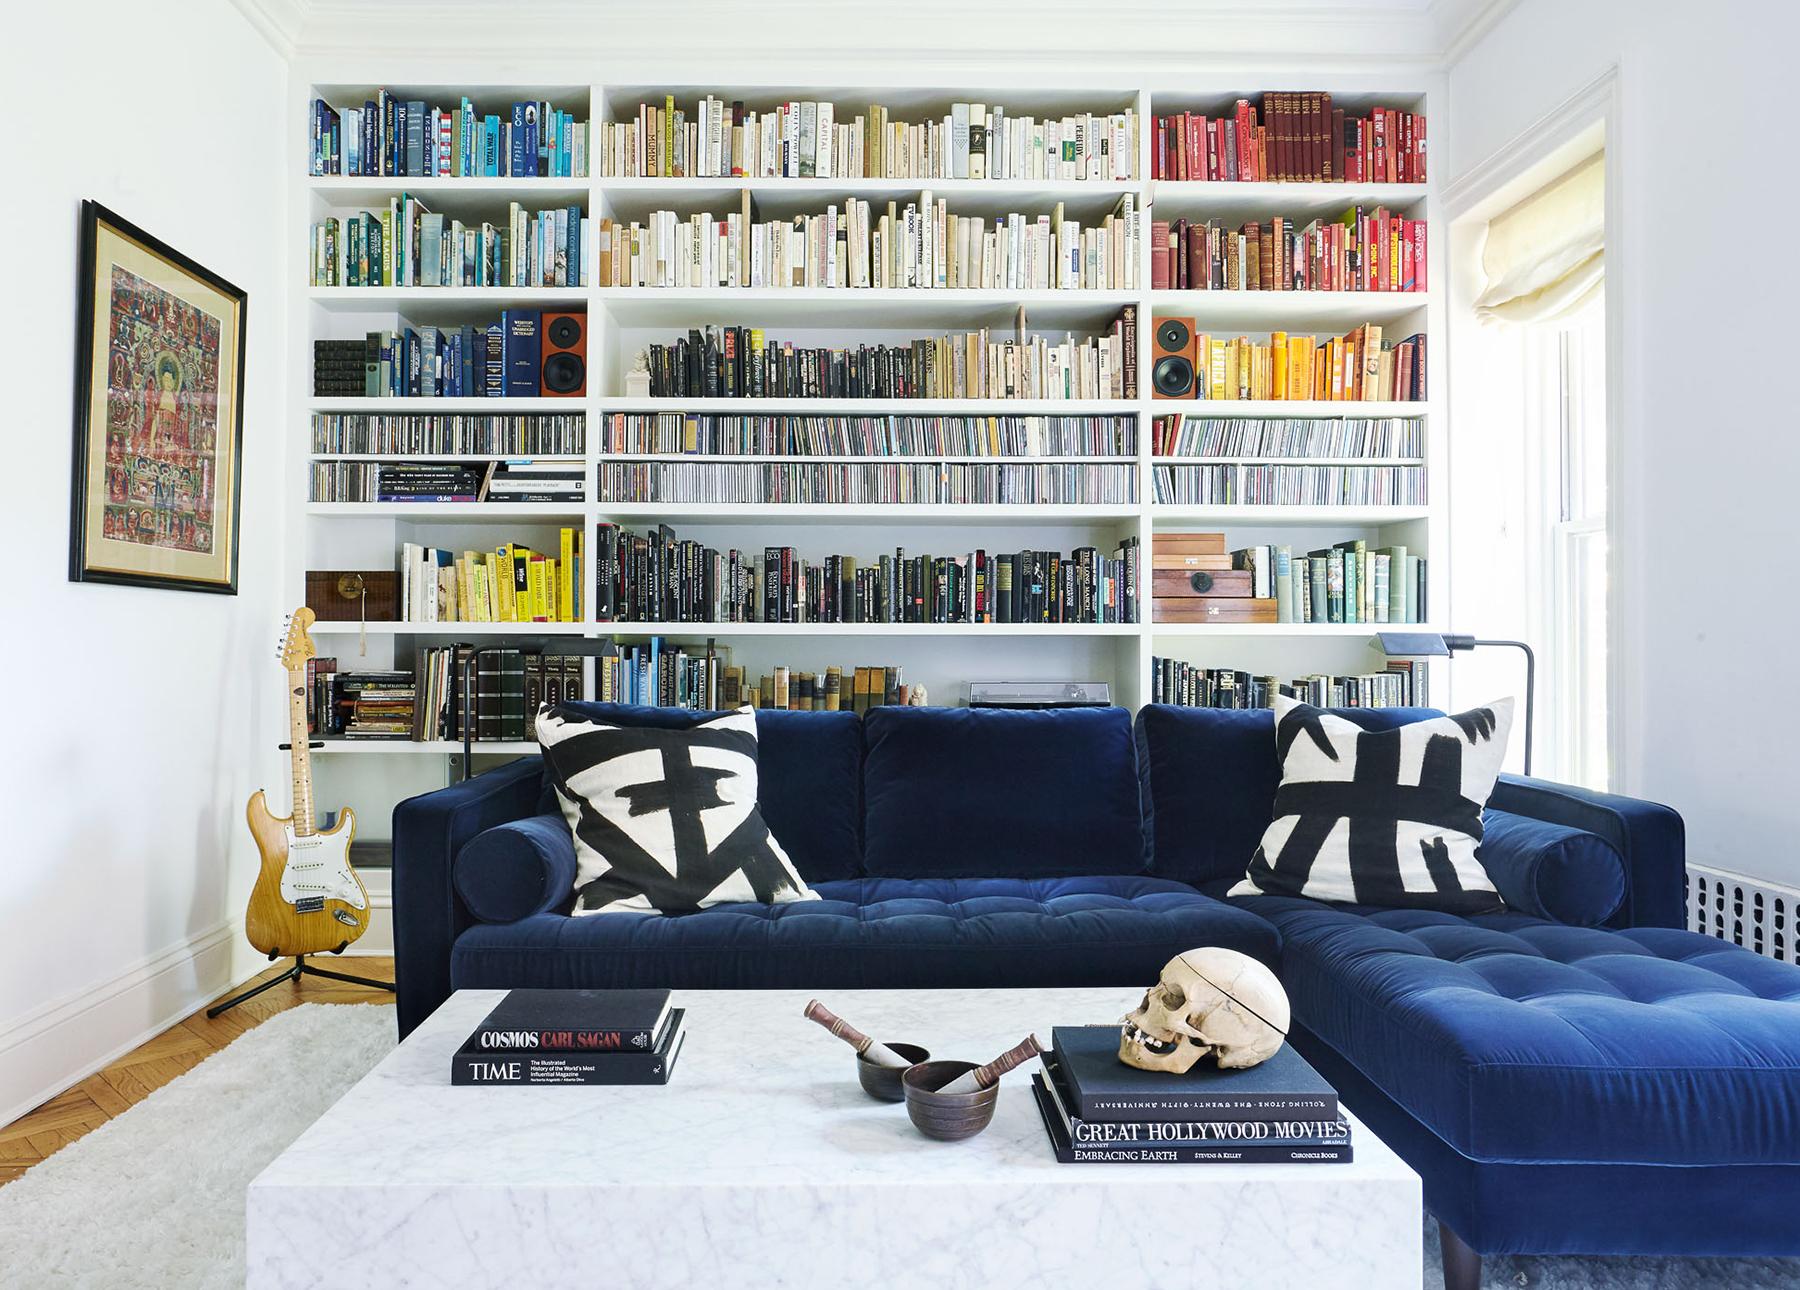 How to clean a velvet sofa: Blue velvet Sven sofa in front of colorfull bookshelves.